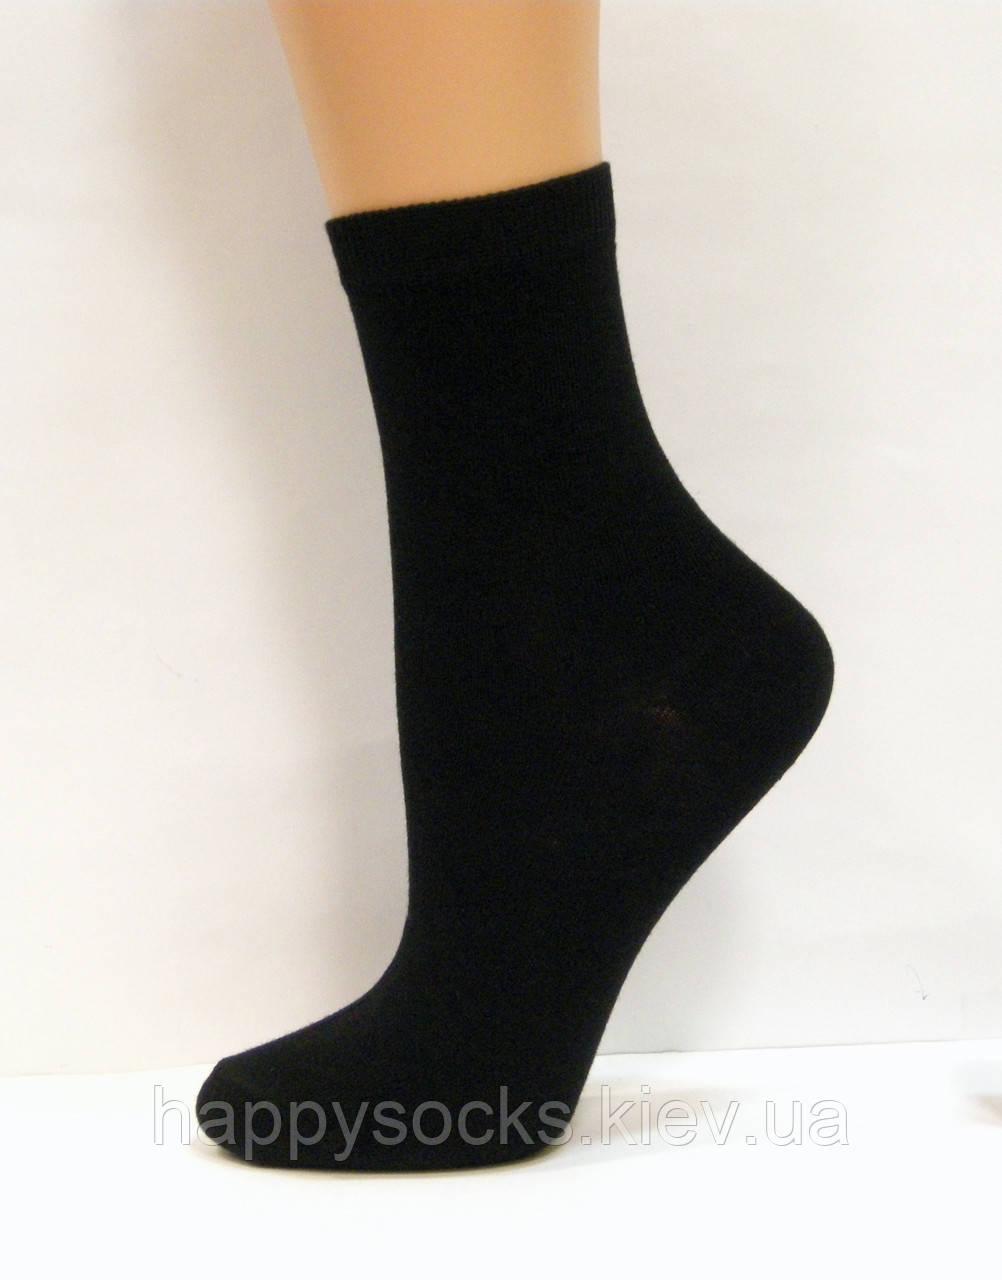 Детские хлопковые высокие носки для мальчиков черного цвета